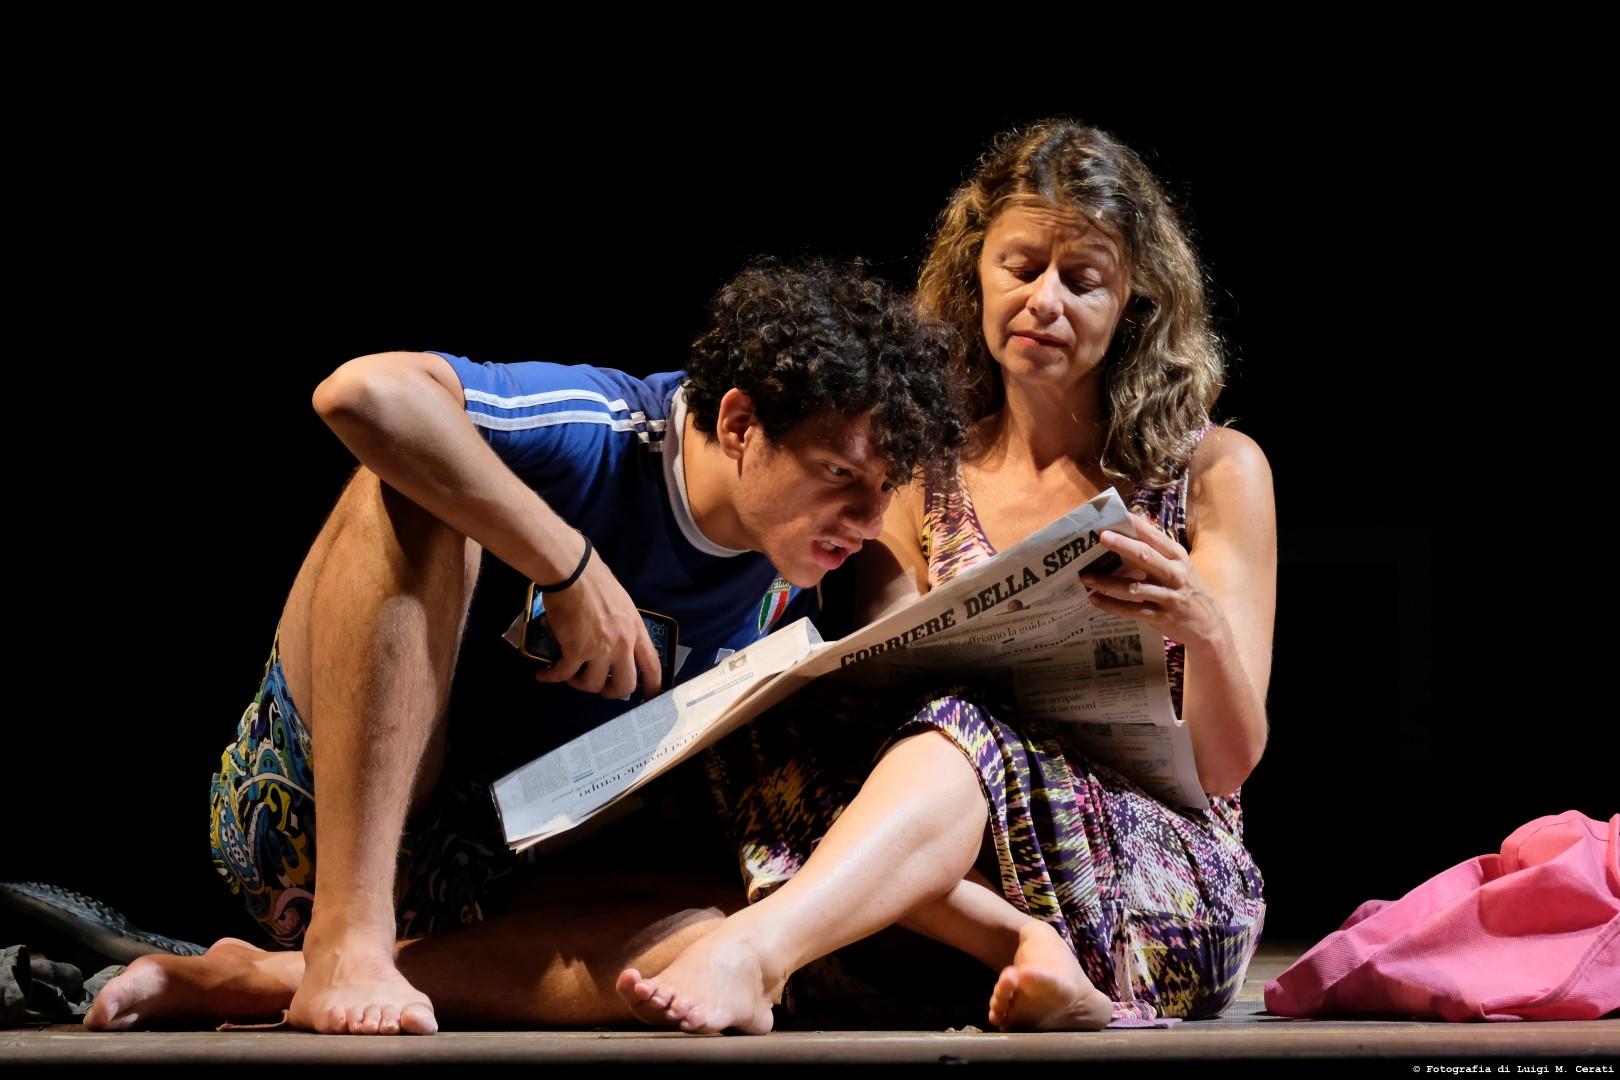 Teatro e Cinema raccontano i diritti con Amanda Sandrelli e La battaglia dei sessi